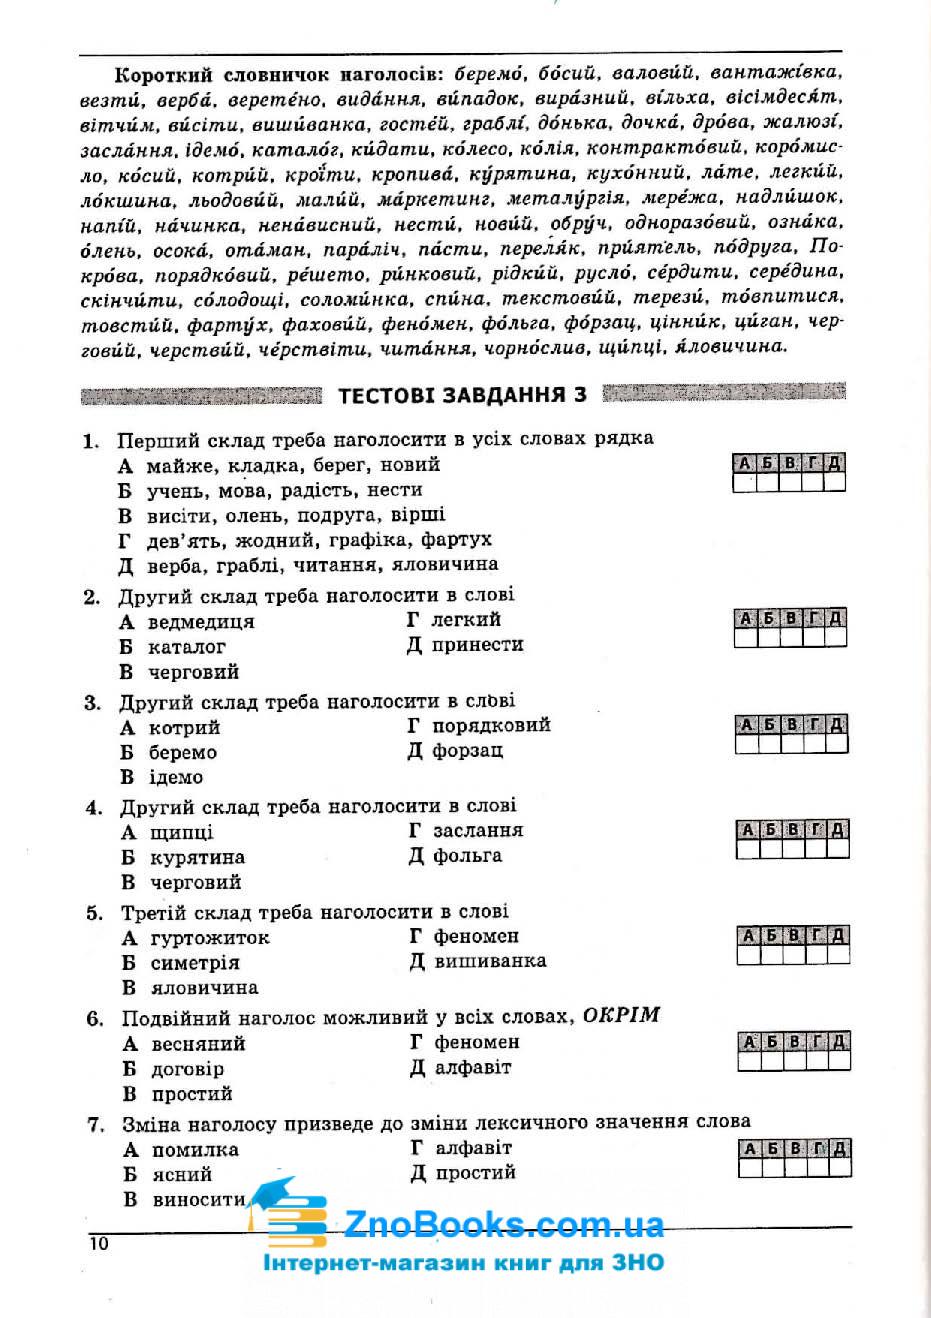 Українська мова та література ЗНО 2020. Довідник + тести. Повний повторювальний курс. Авт: Куриліна О. Вид-во: Абетка. купити 9